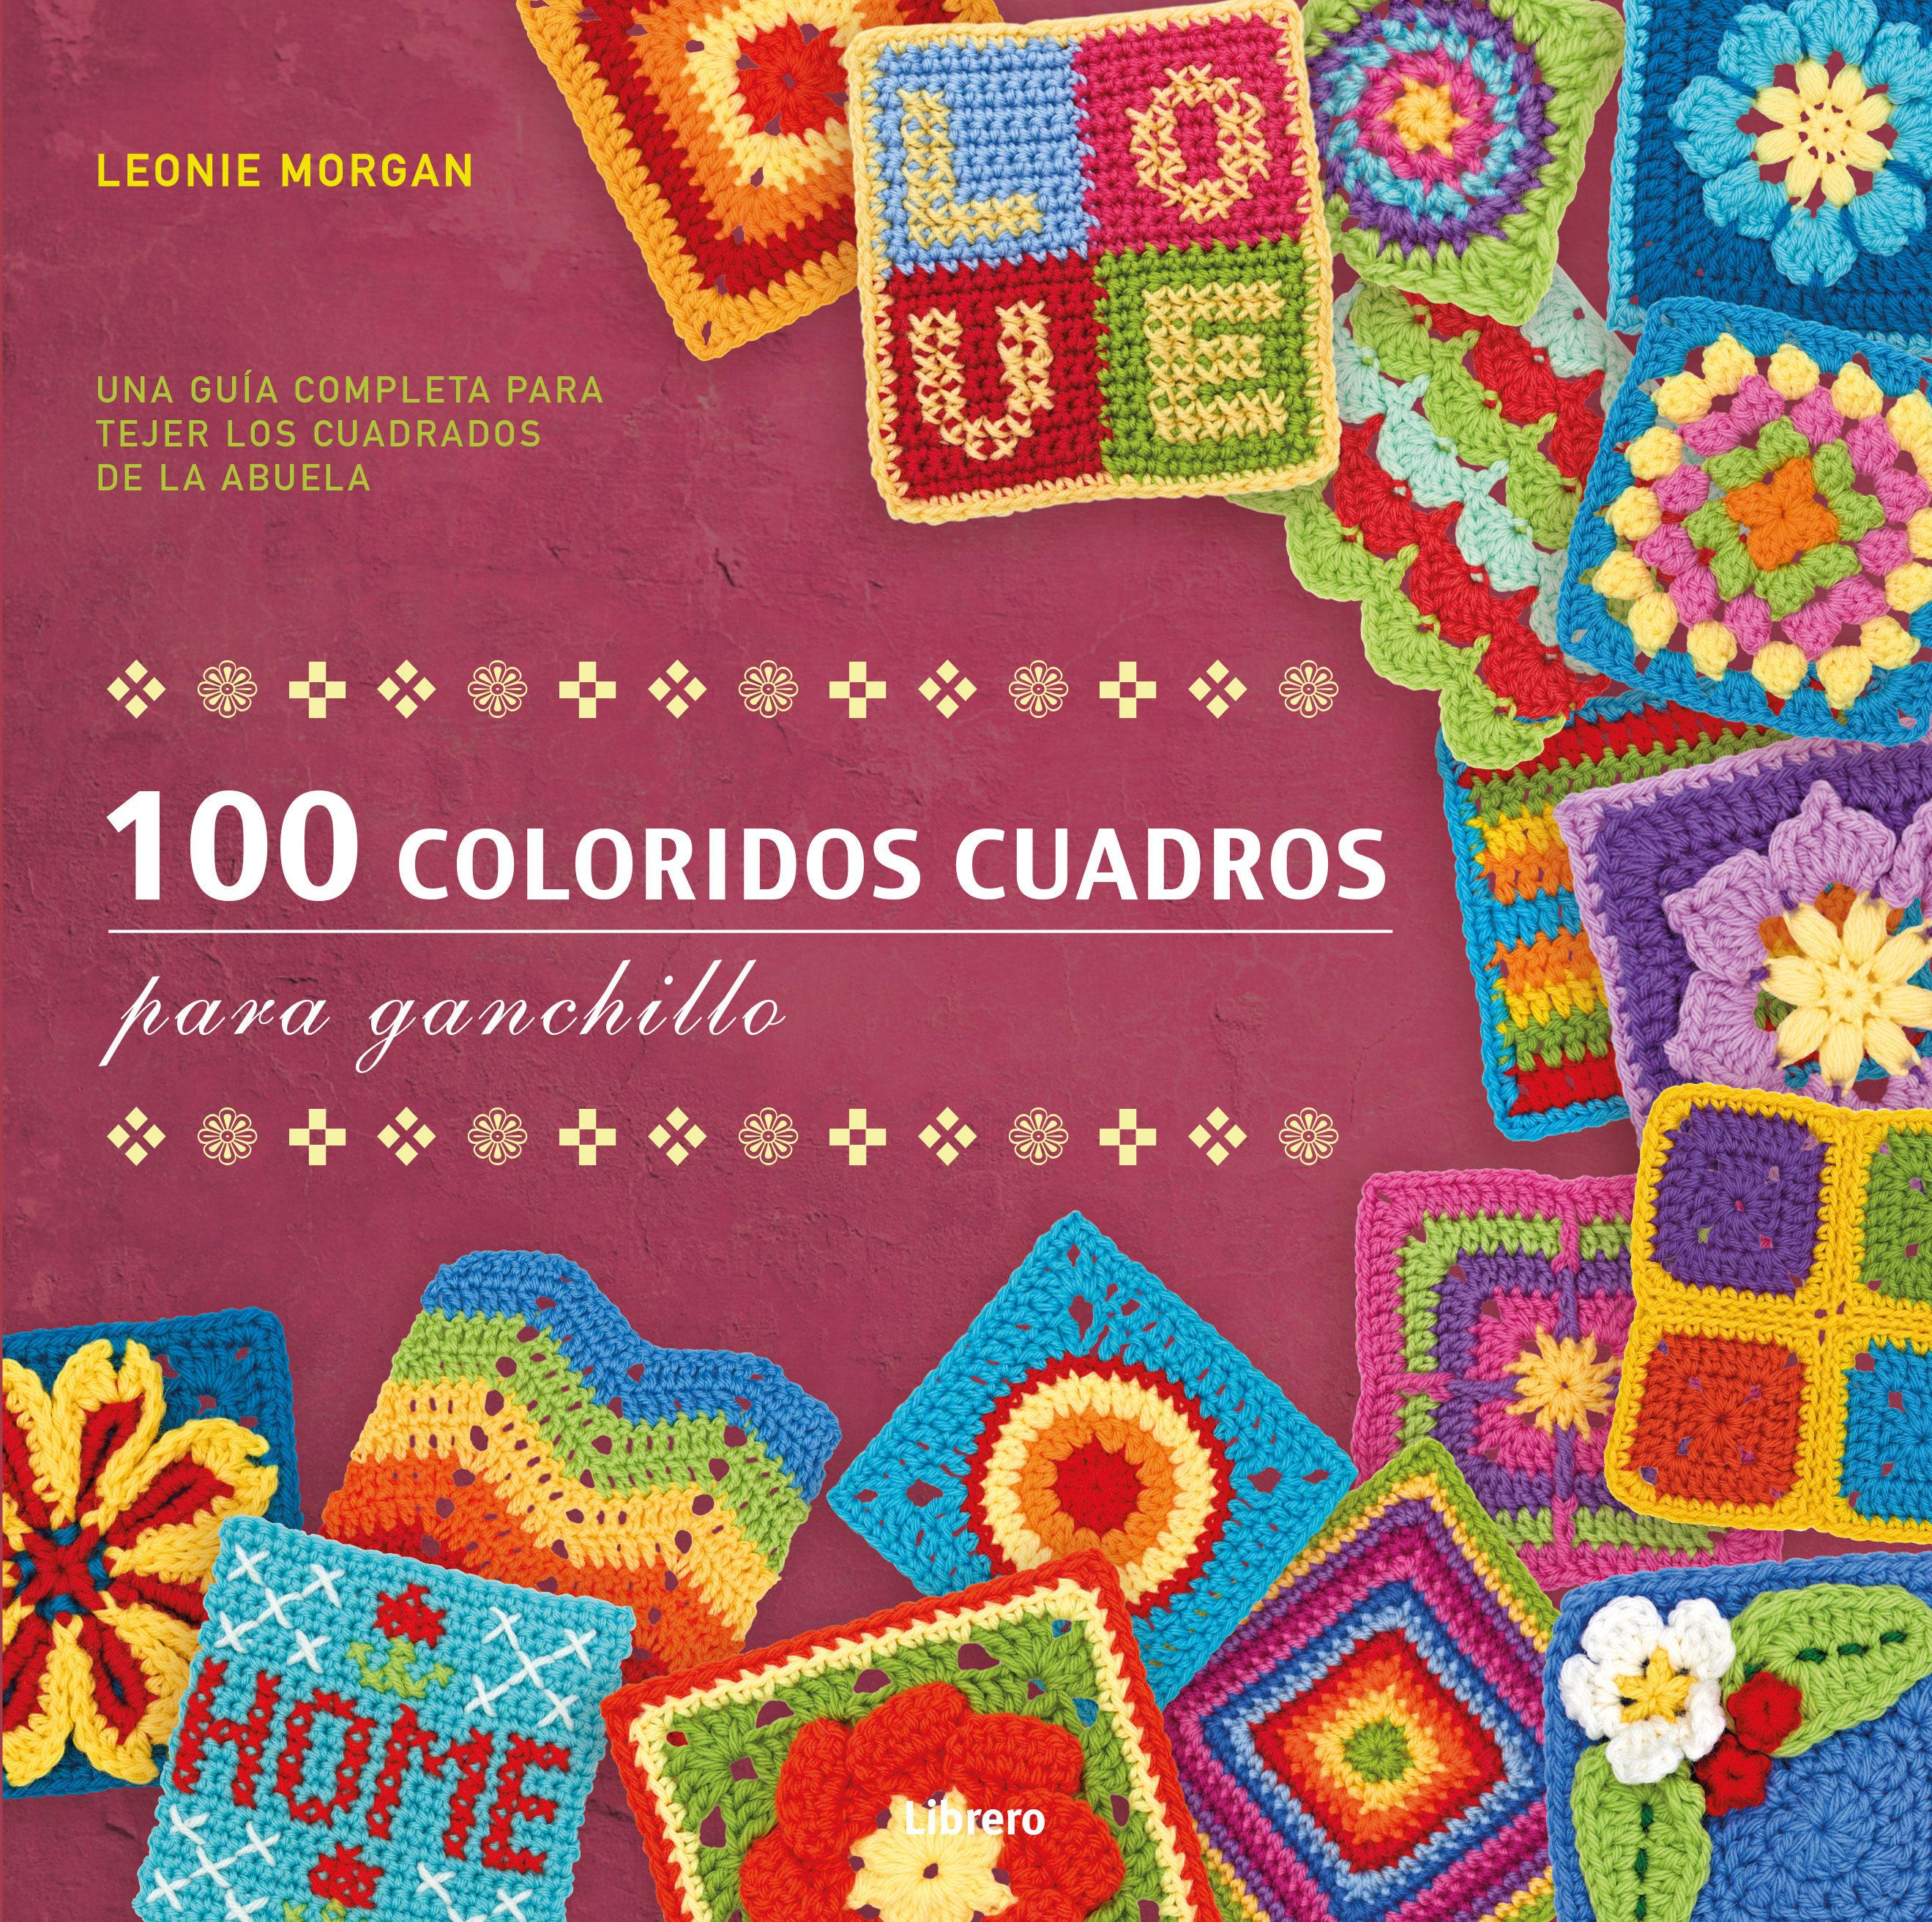 100 coloridos cuadros para ganchillo-leonie morgan-9789089983664